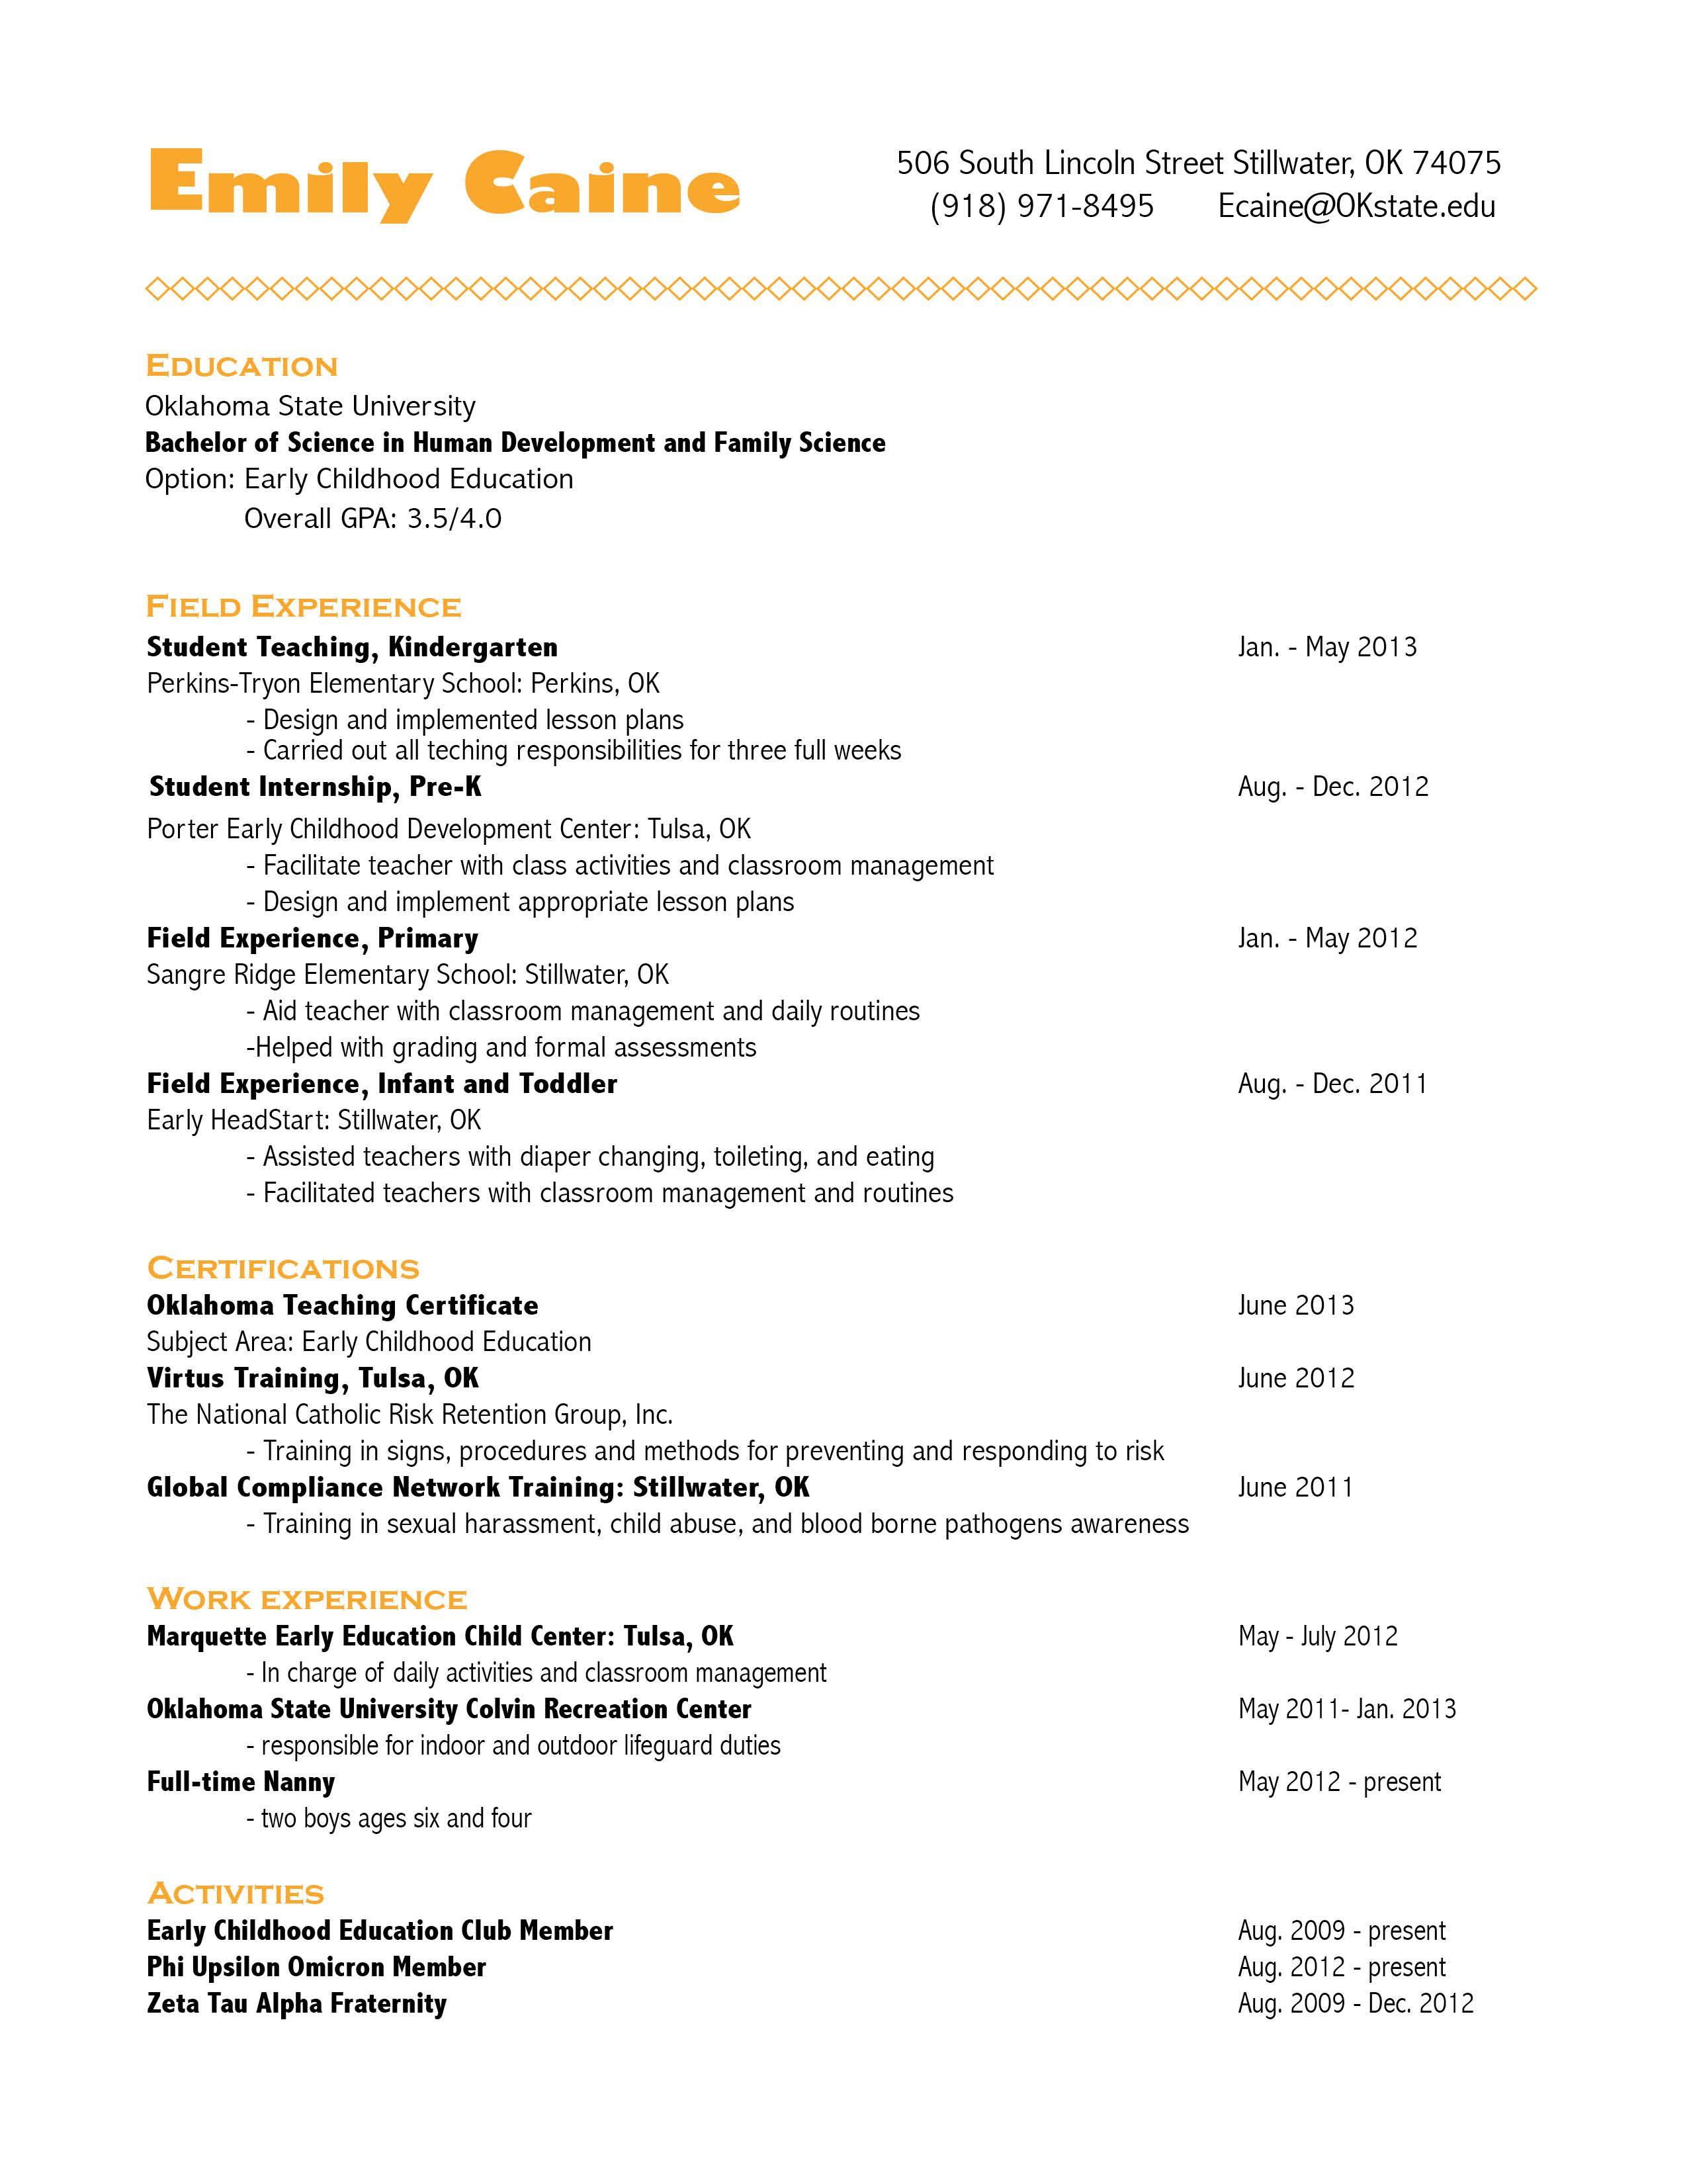 Visual Resume Resume Writing Services Visual Resume